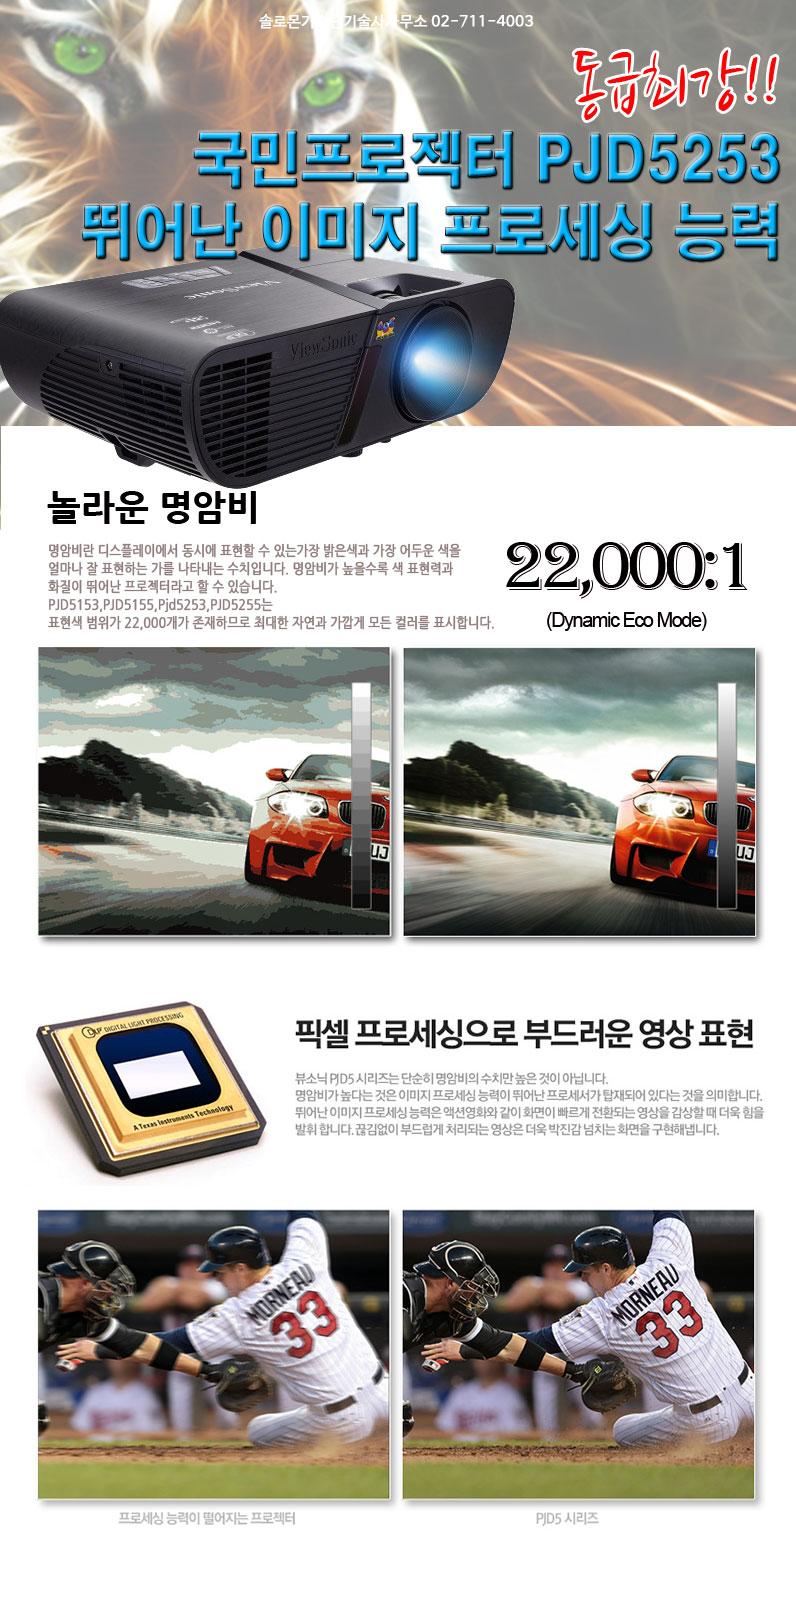 국민 프로젝터 뷰소닉 pjd5253 동급최강 명암비 15000:1